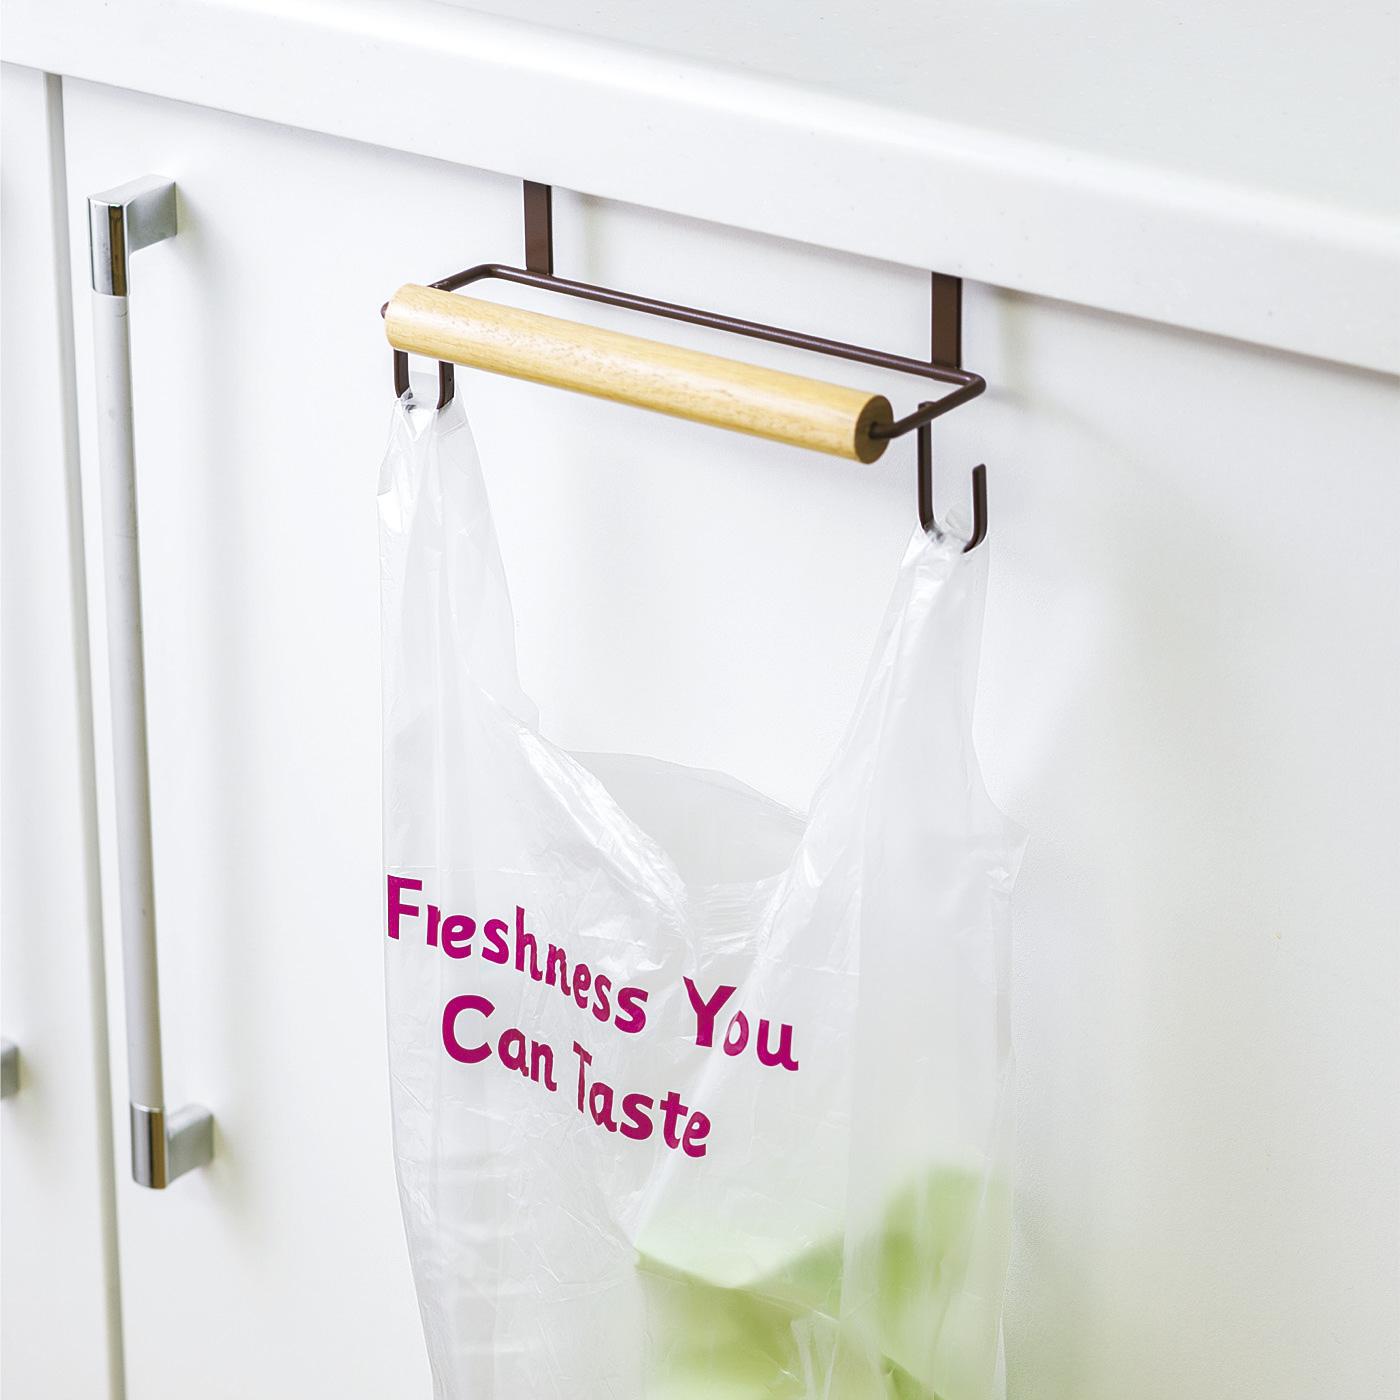 台所の流しの扉に取り付けて、ポリ袋を下げればゴミ入れに。内側にはラップや調味料をストック。